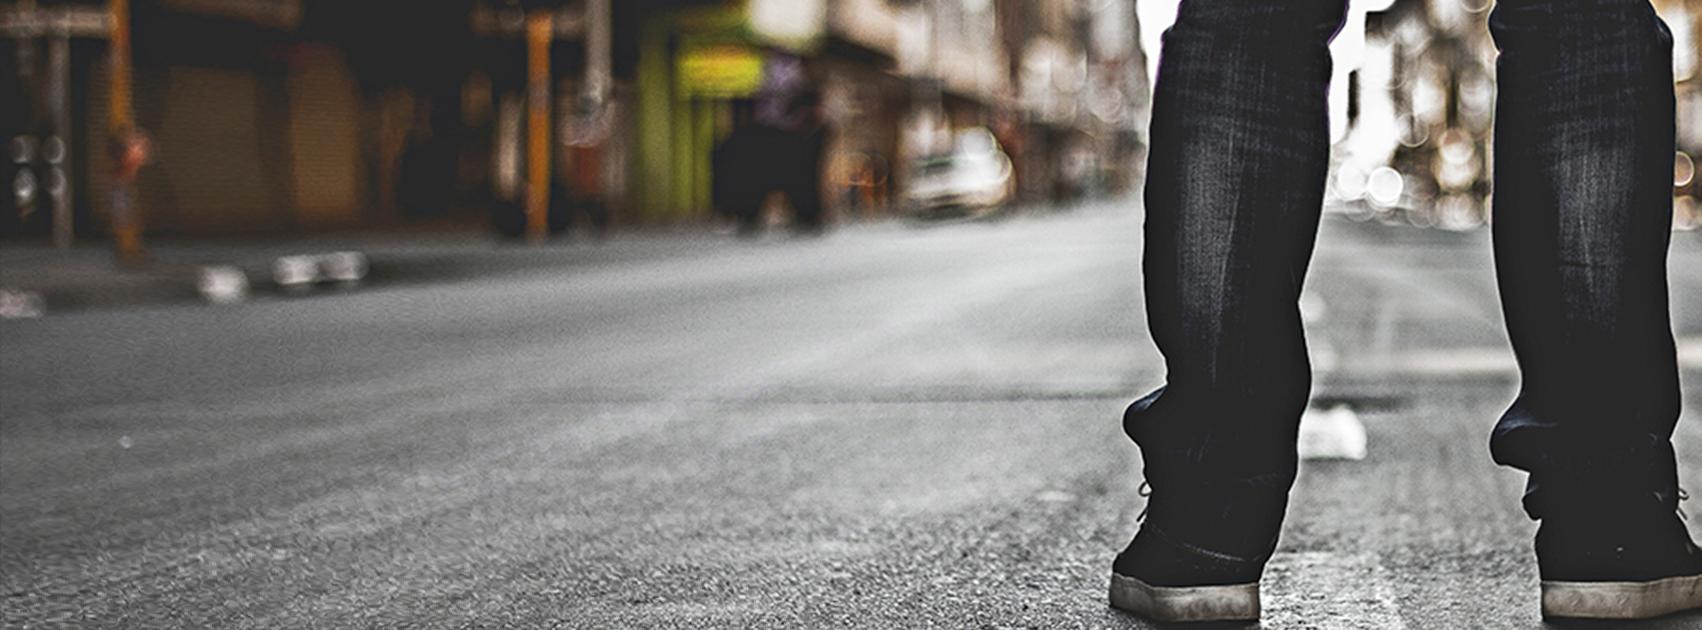 Make a Change: La iniciativa que busca concientizar ante sorprendente número de personas en situación de calle